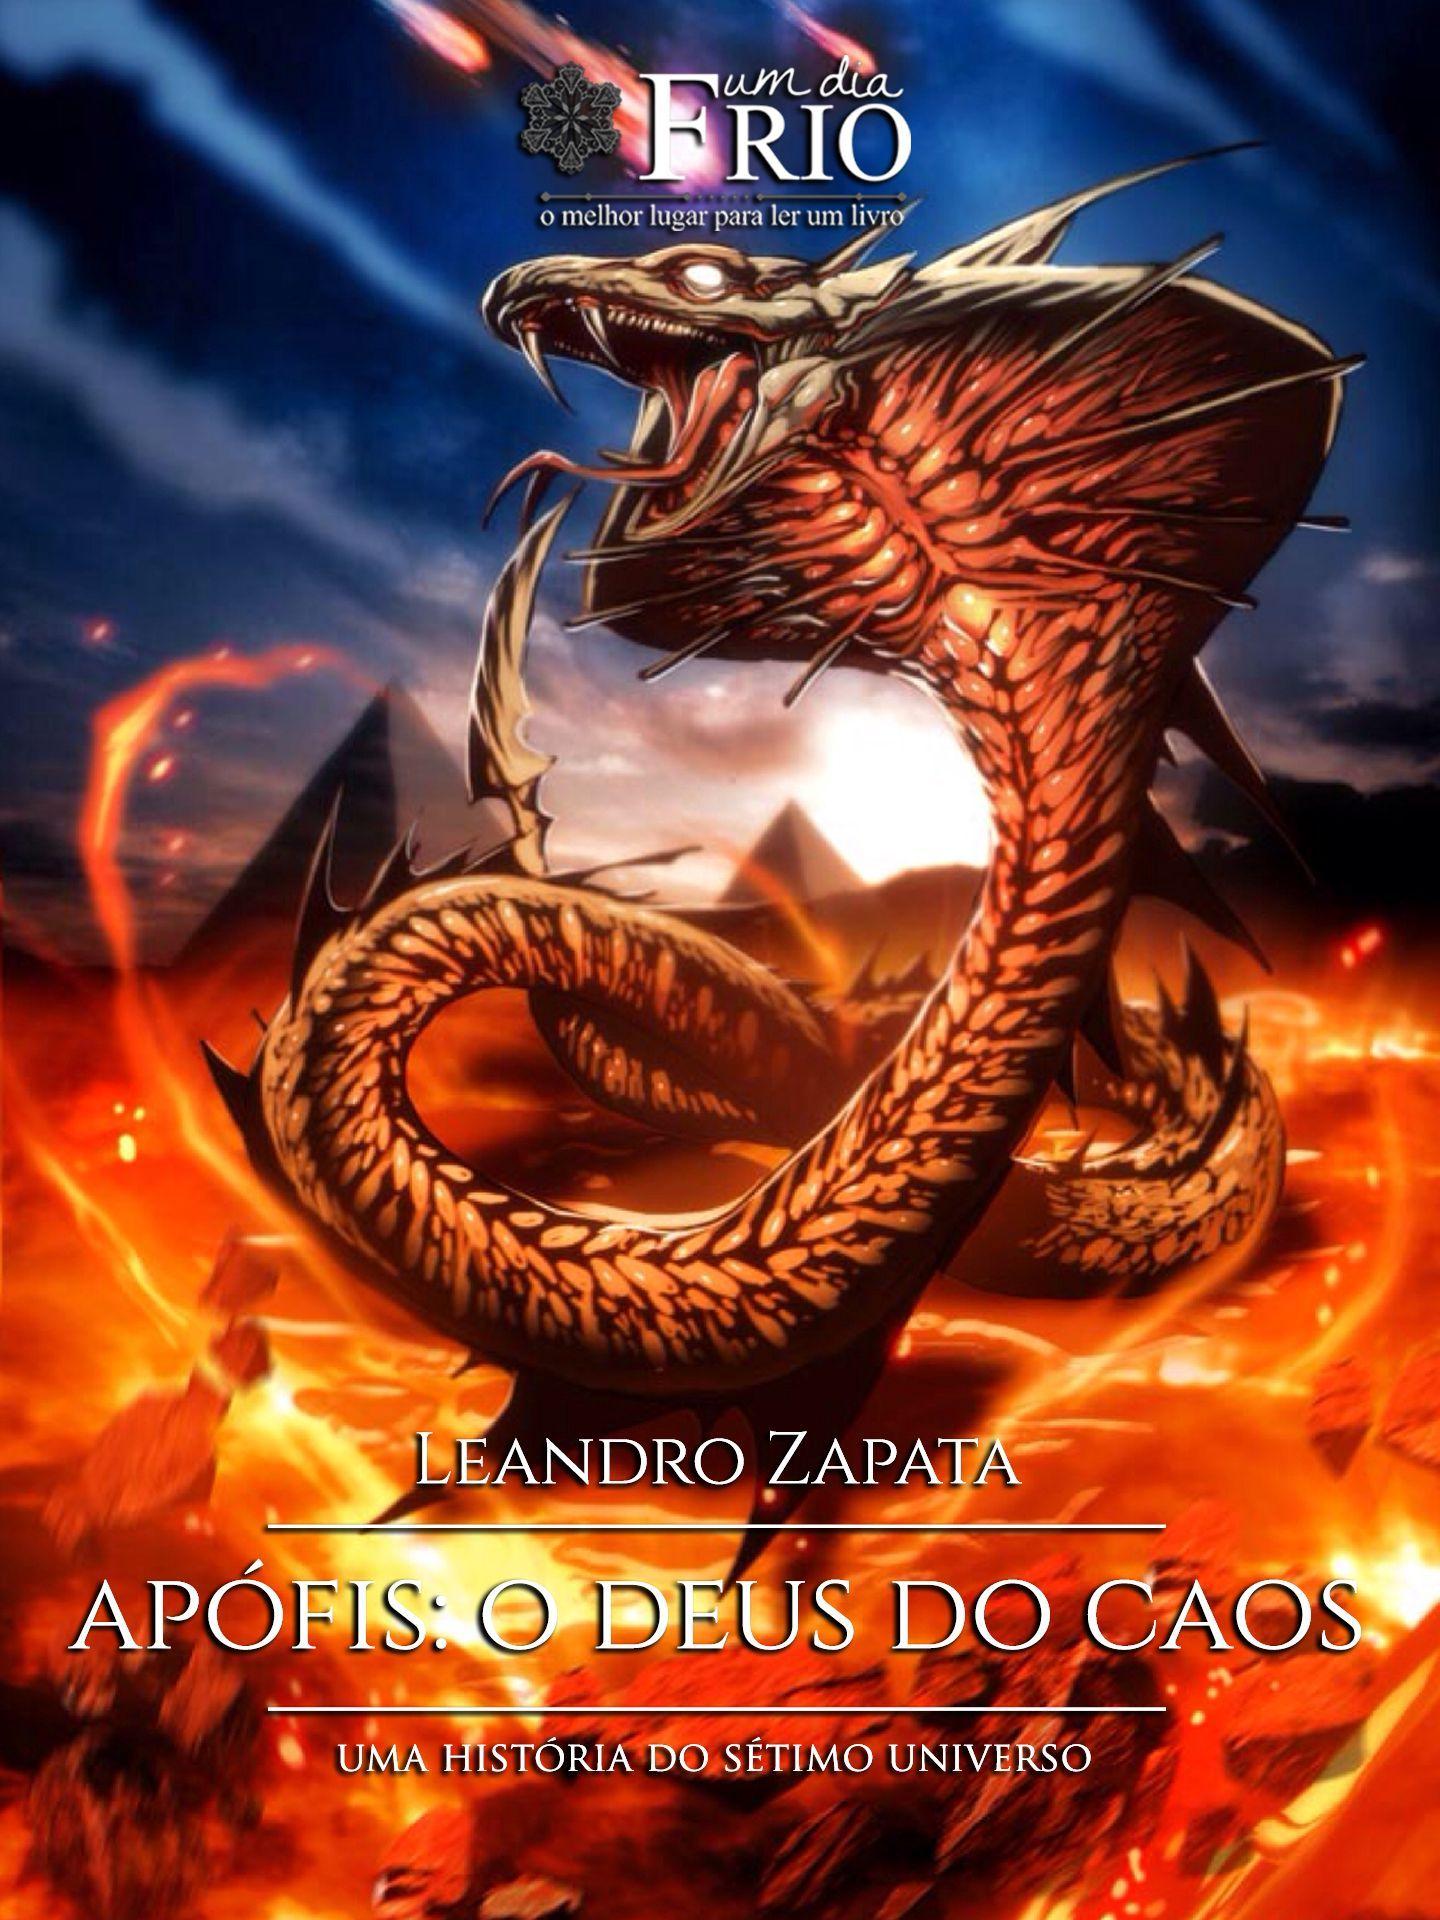 O primeiro spin-off direto de Afterlife, Apófis: o deus do caos é uma mini book-série de sete capítulos